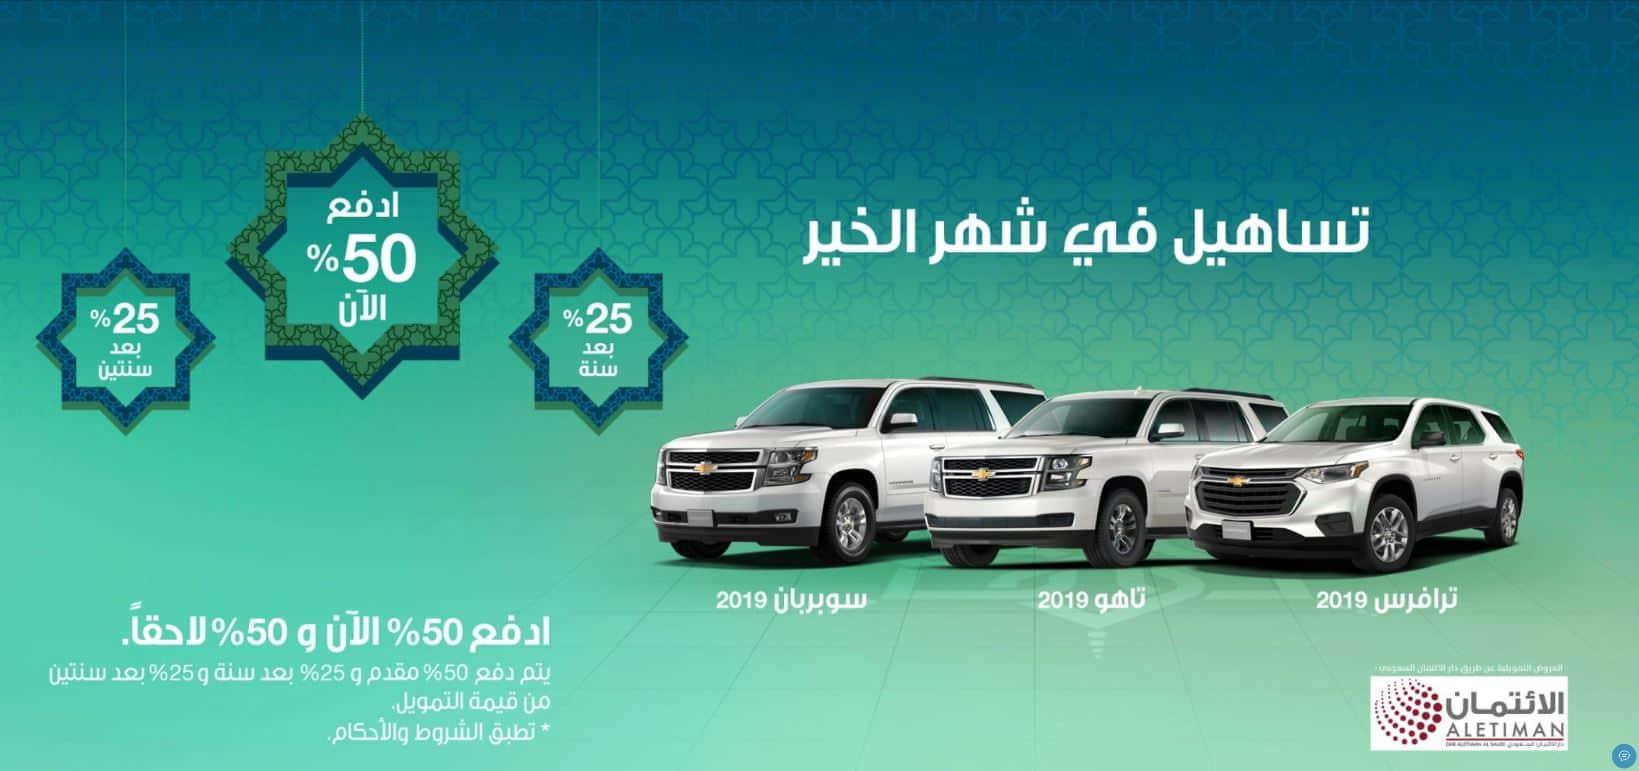 عروض رمضان للسيارات 2019 التوكيلات العالمية تساهيل شيفرولية